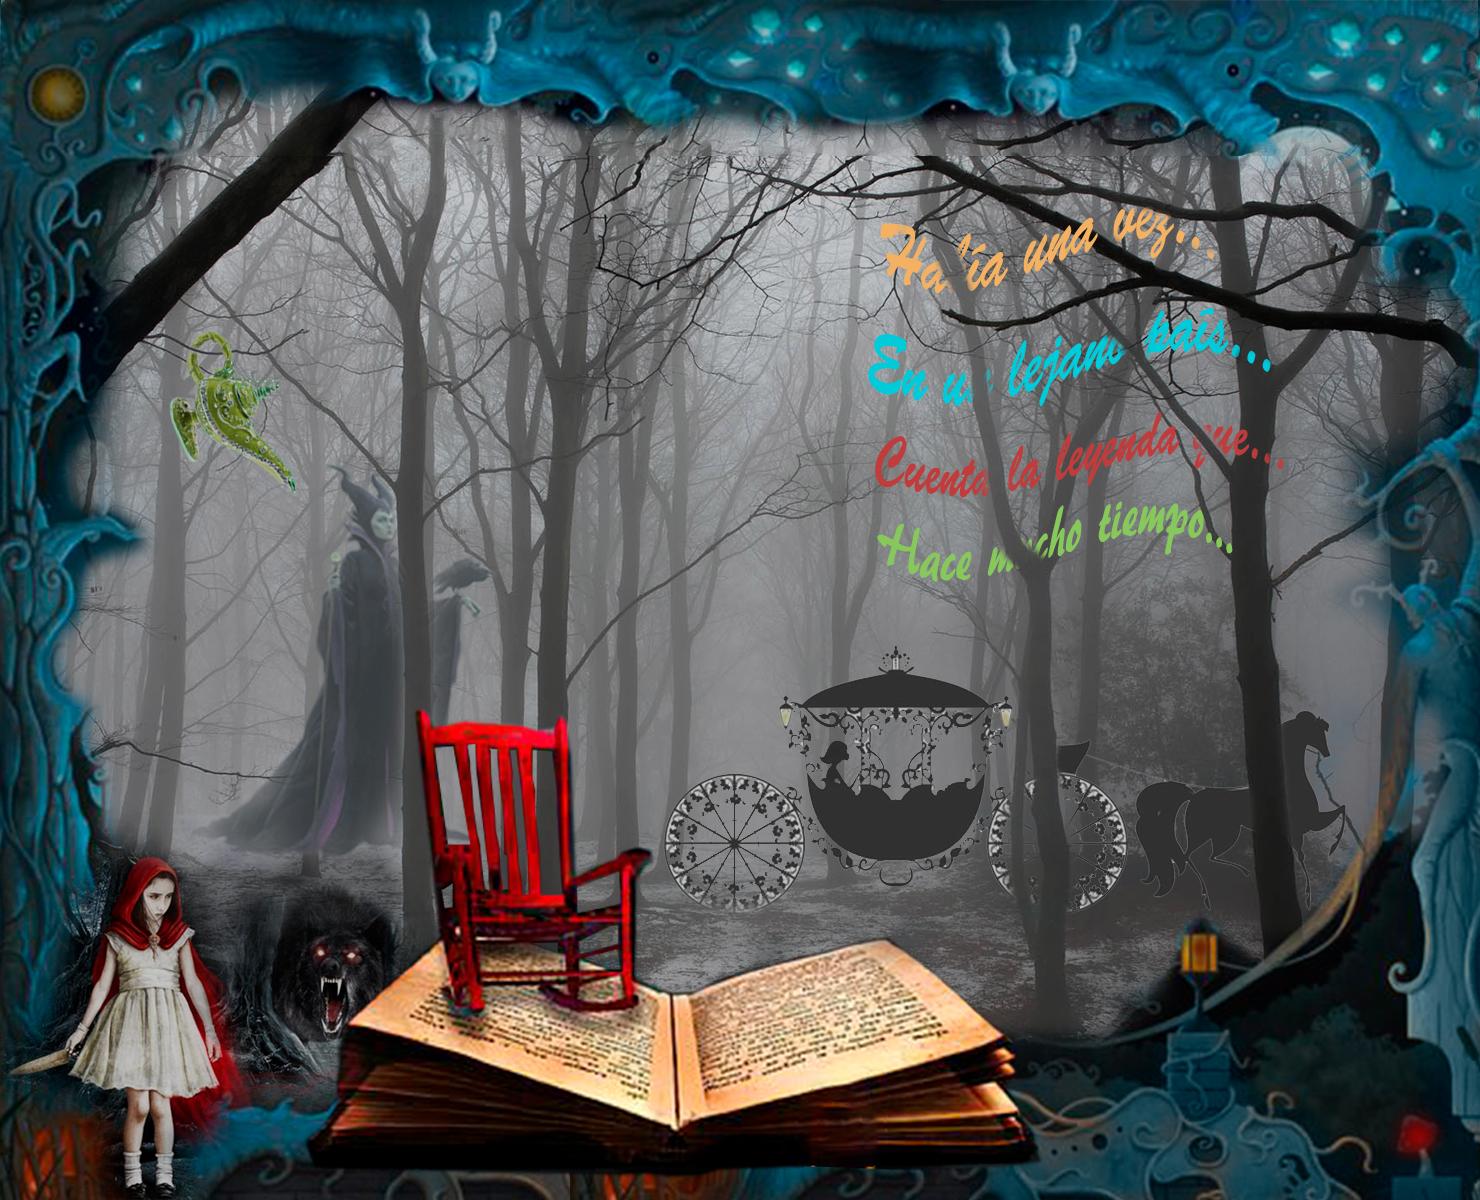 Collage de un bosque con personajes de cuentos: caperucita y el lobo, la madrastra, cenicienta, aladino, y mecedora y libro. Loco Mundo Arte y Bohemia